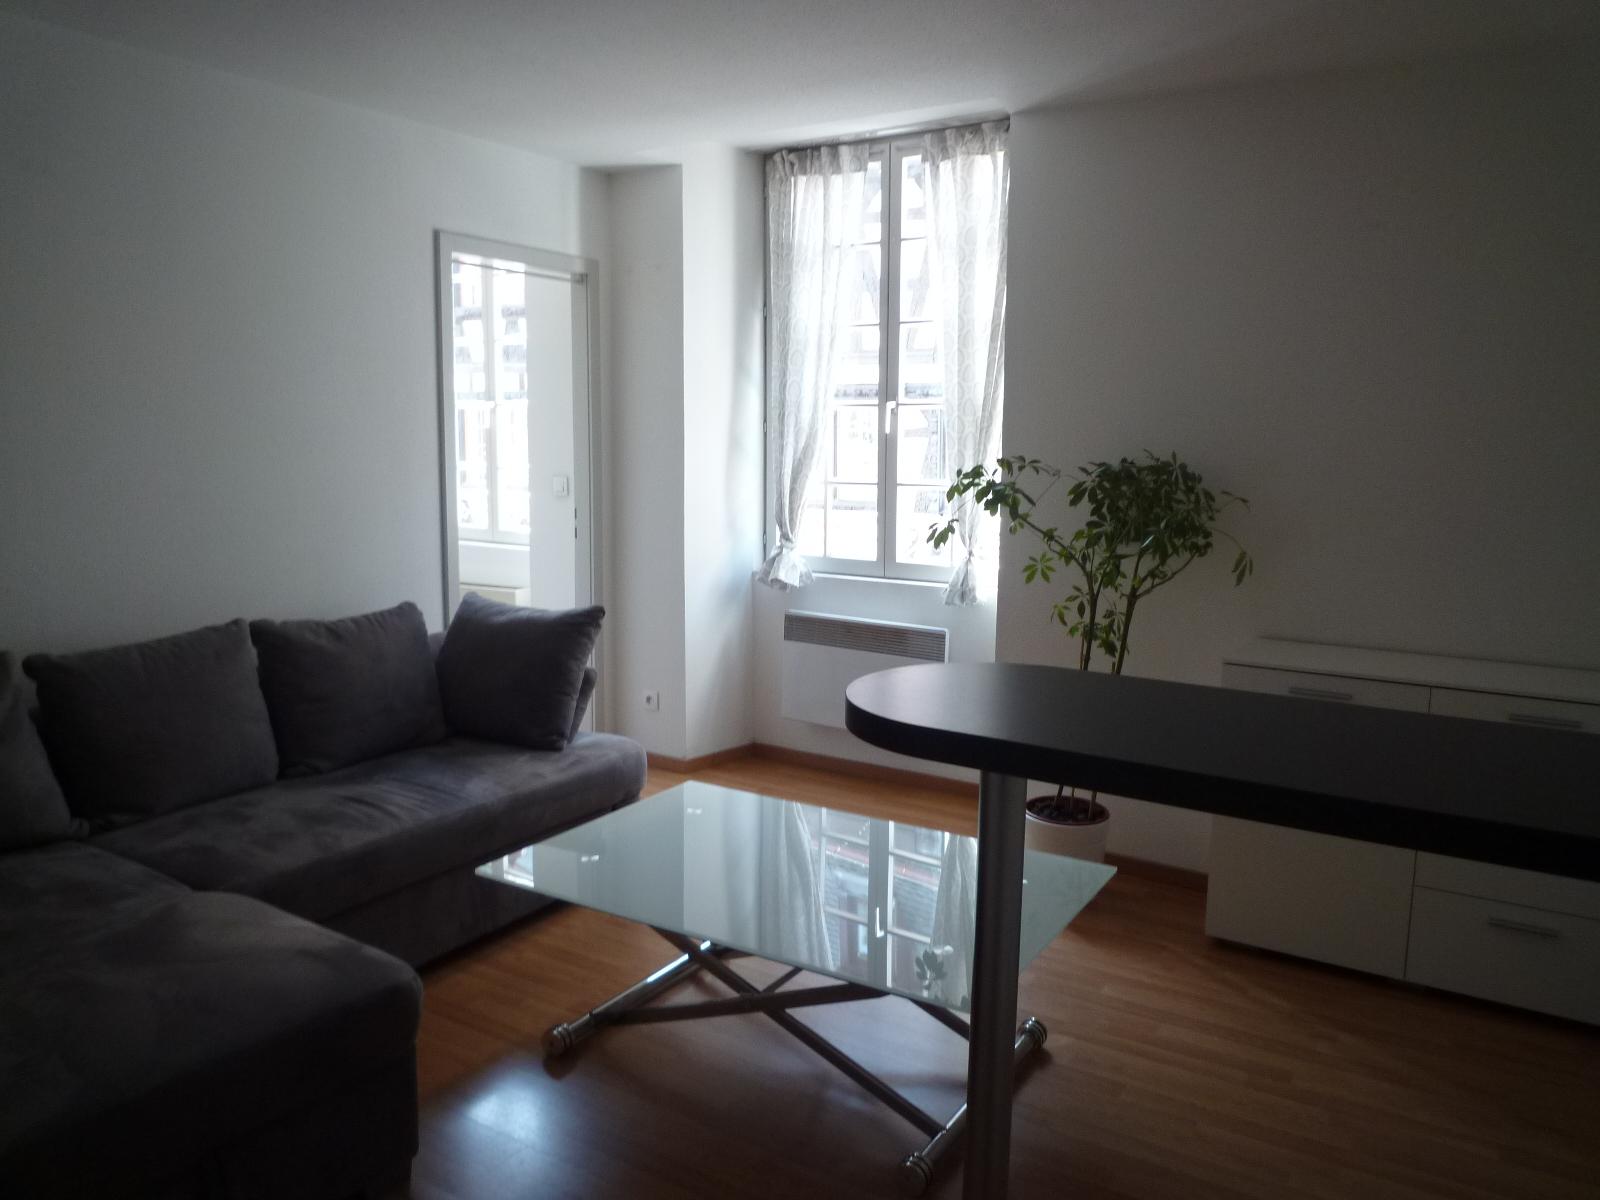 [Canon] 2 pièces meublé - Krutenau / rue d'Austerlitz - nos locations - Beausite Immobilier 1